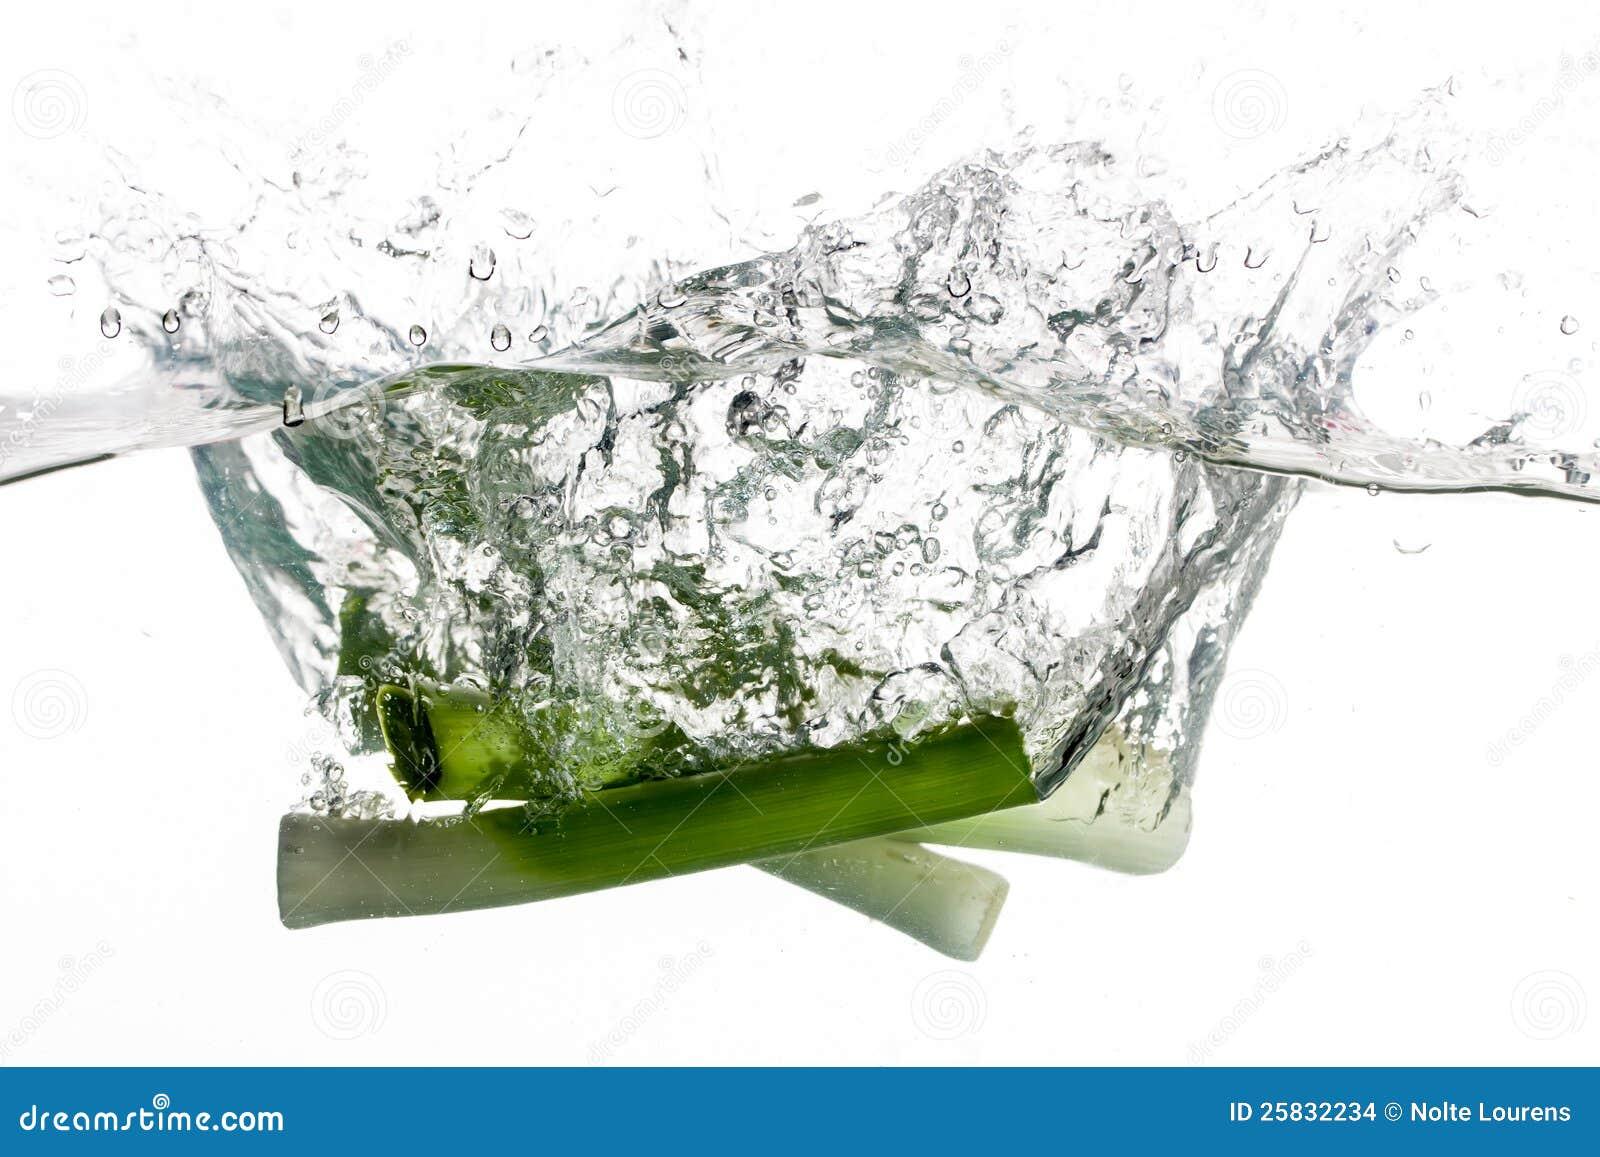 Leeks in water